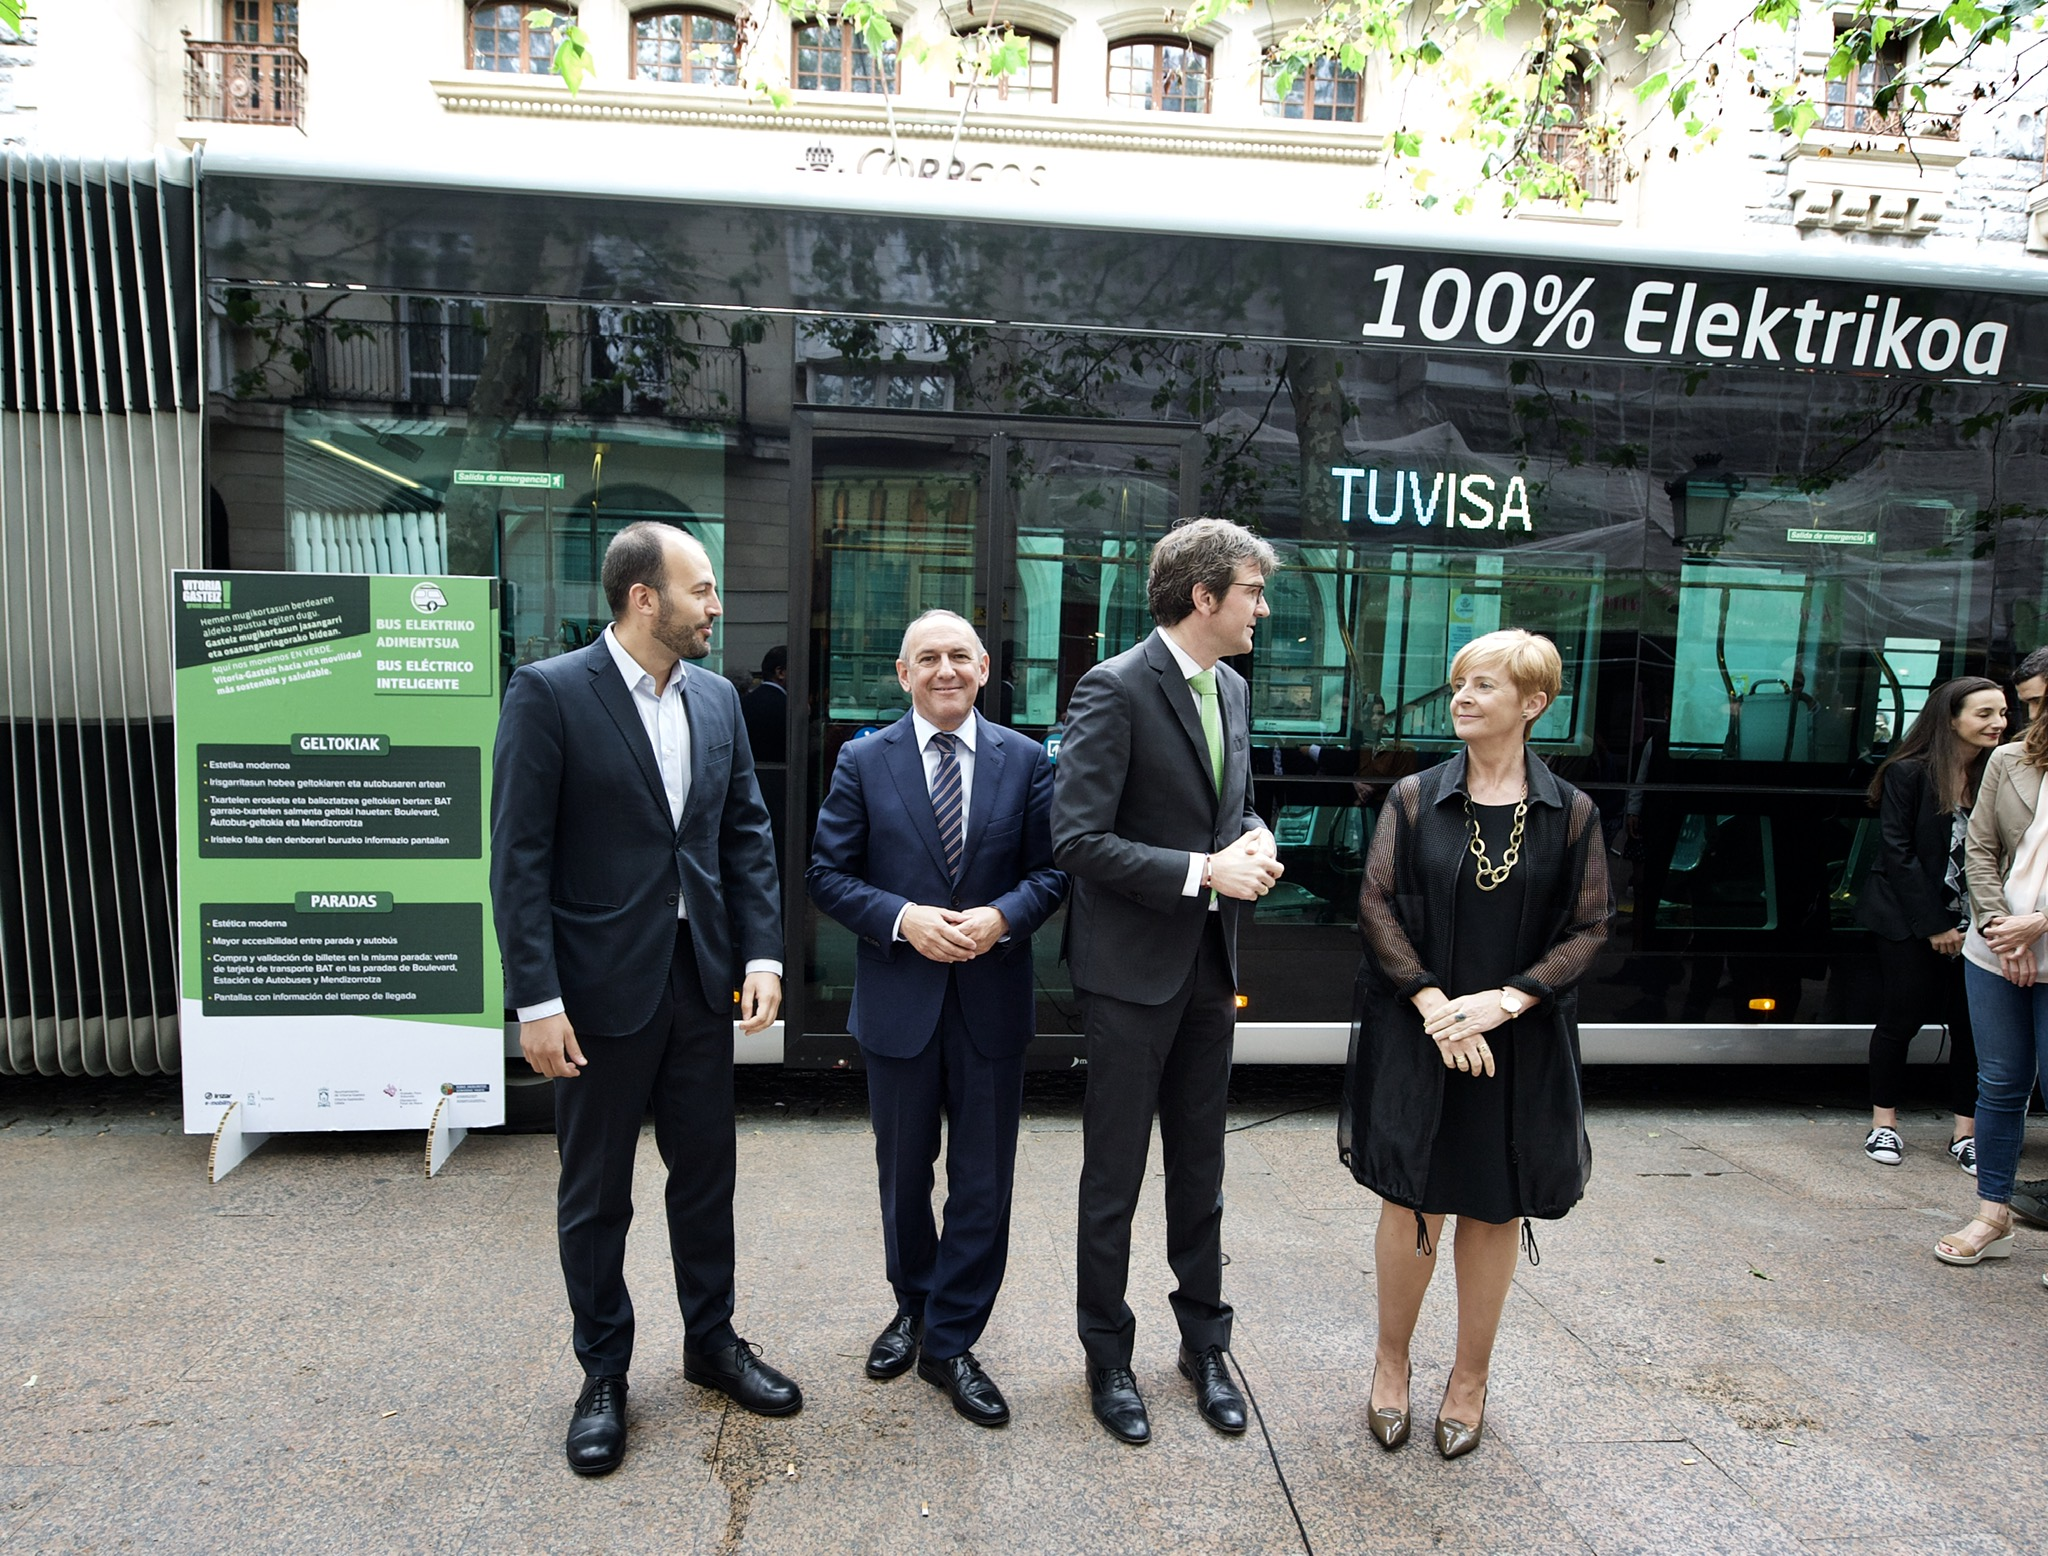 Vitoria-Gasteiz acoge la presentación del Bus Eléctrico Inteligente, un sistema de transporte revolucionario que conectará 14 barrios de la ciudad con 13 autobuses eléctricos de tecnología punta fabricados por Irizar e-mobility